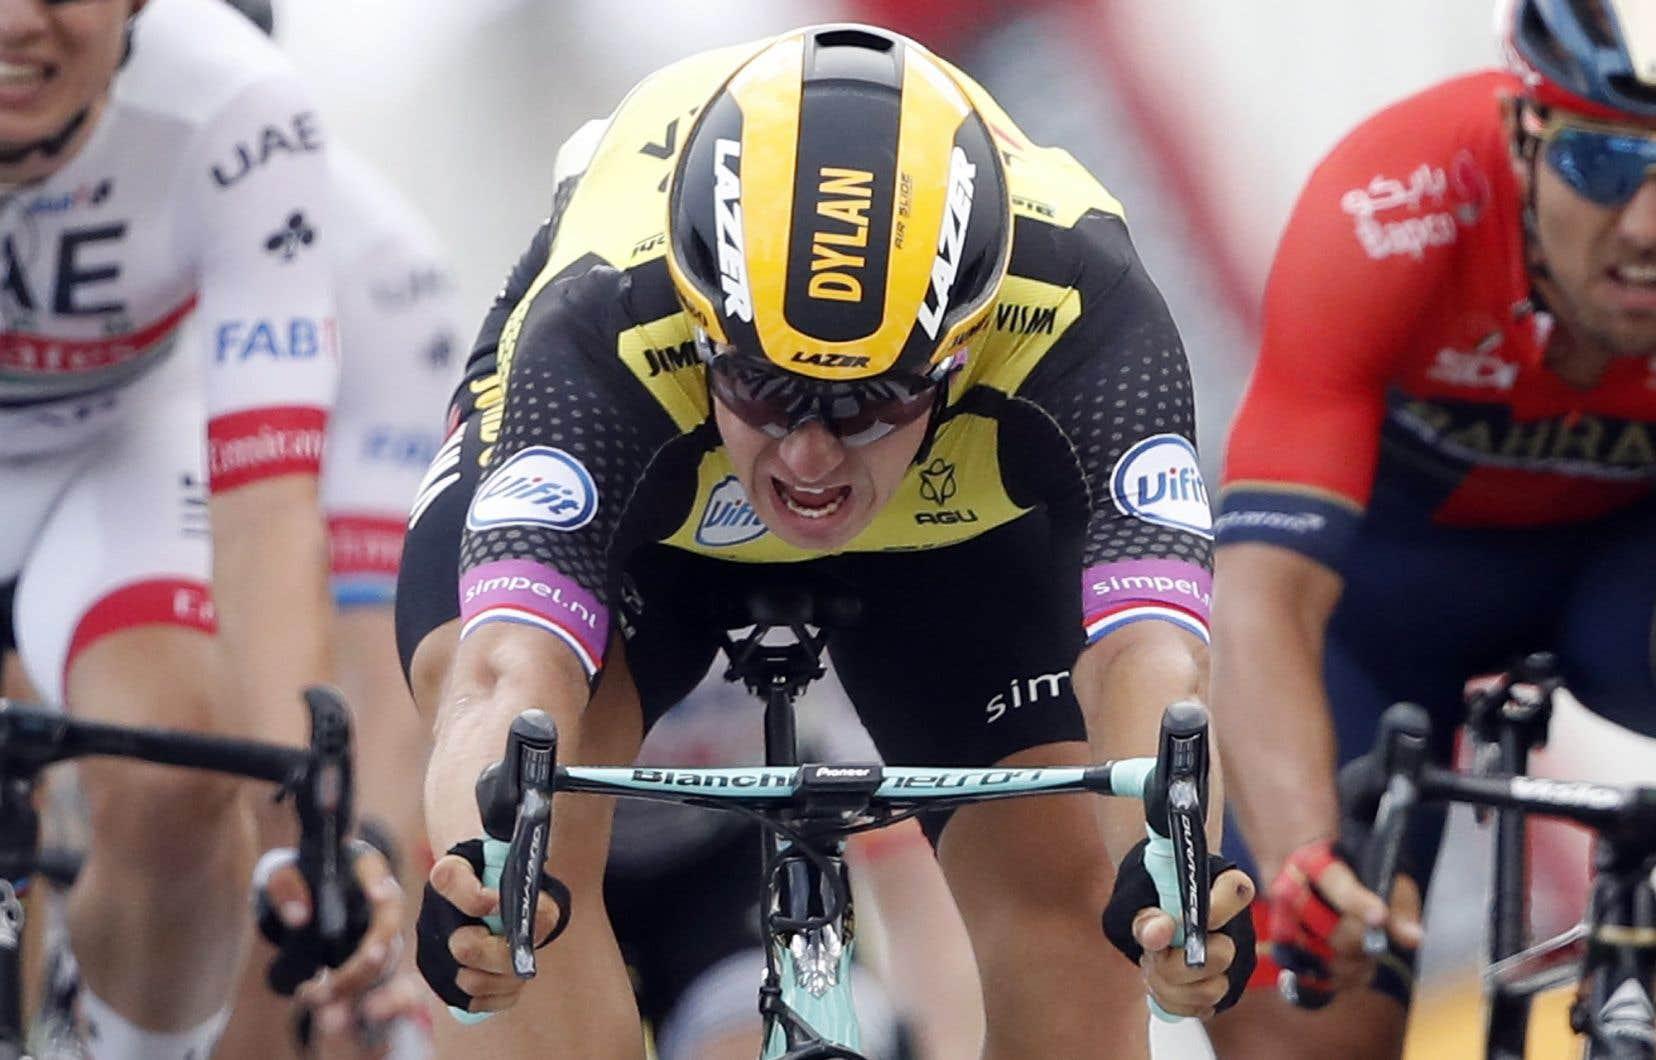 <p>Le Néerlandais Dylan Groenewegen a remporté la plus longue étape du Tour de France au sprint.</p>